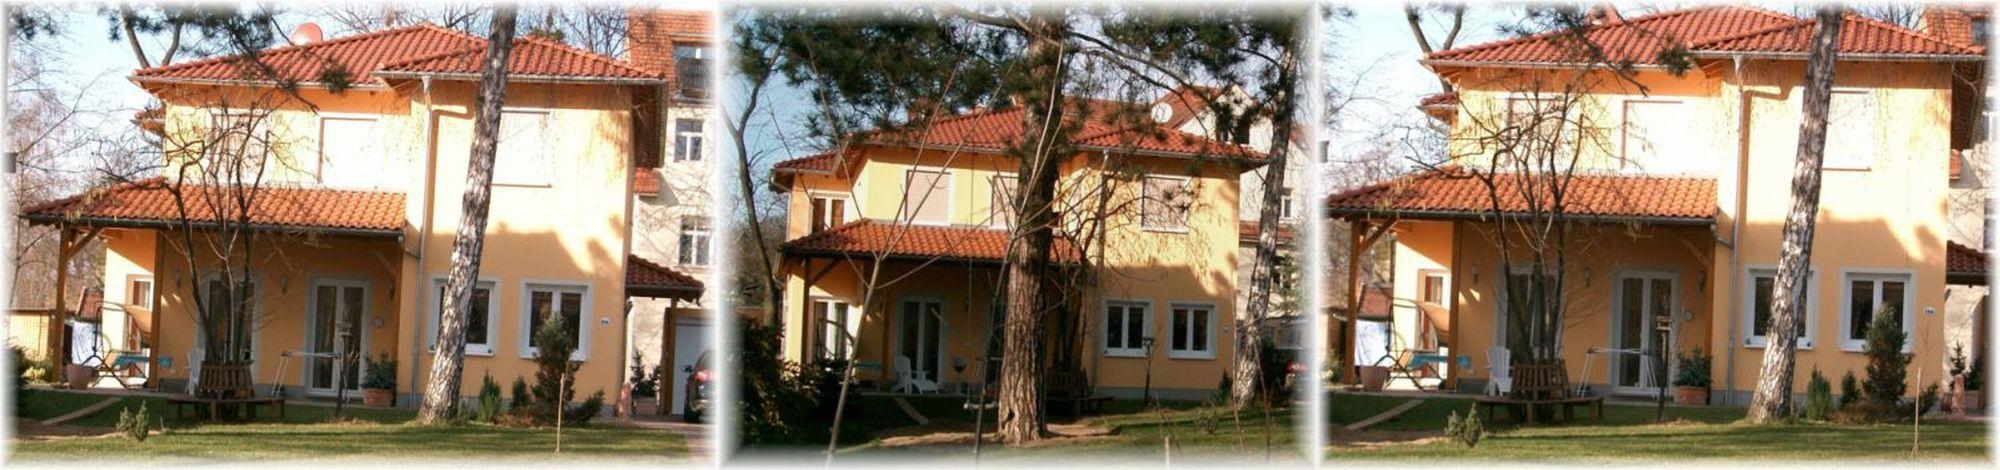 Wunderbar Welche Fassadenfarbe Passt Zu Braunen Fenstern Referenz Von Referenz